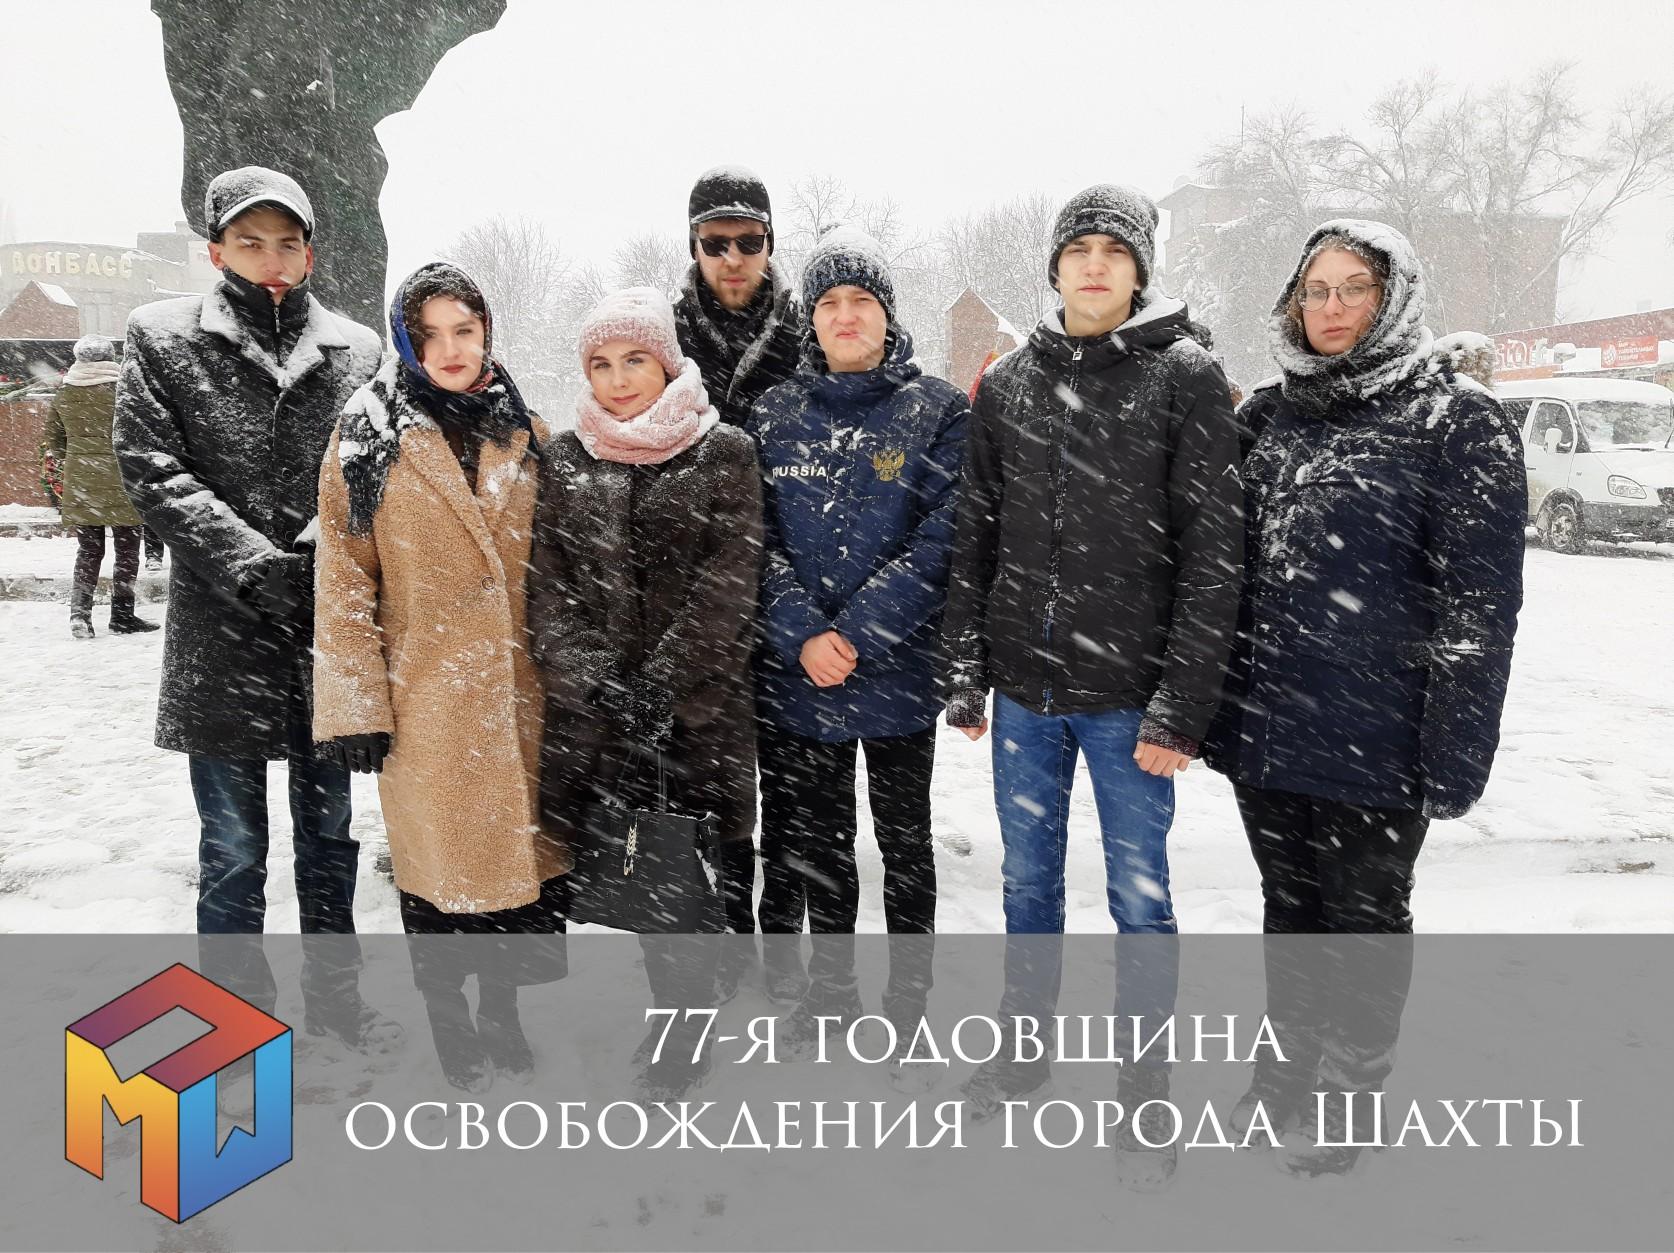 Депутаты Молодежного парламента приняли участие в памятном мероприятии, посвящённом 77-ой годовщине освобождения города Шахты от немецко-фашистских захватчиков.